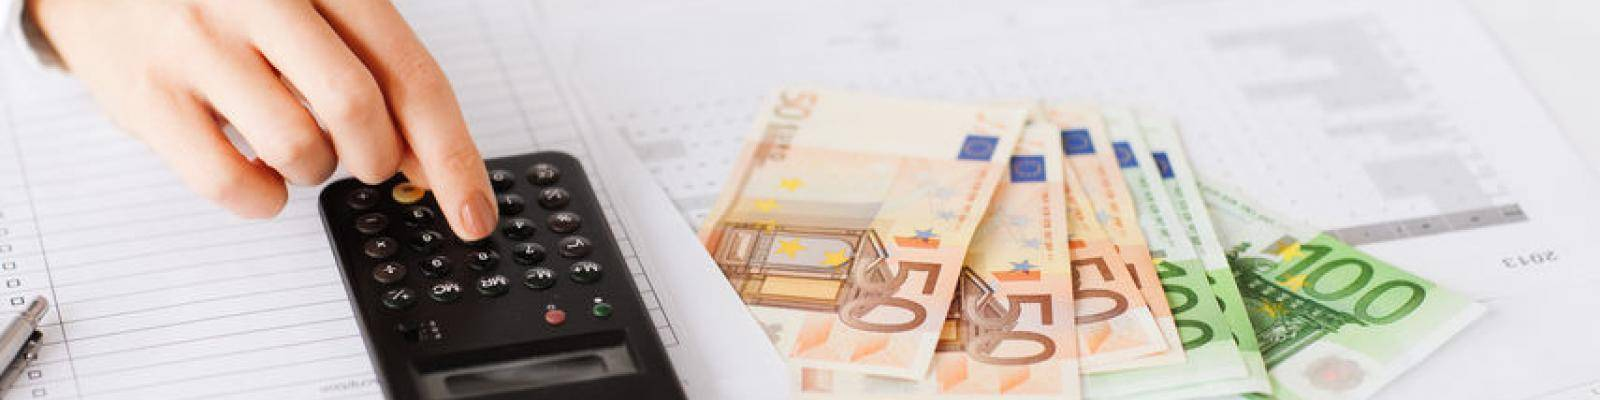 rekenmachine en geld op tafel